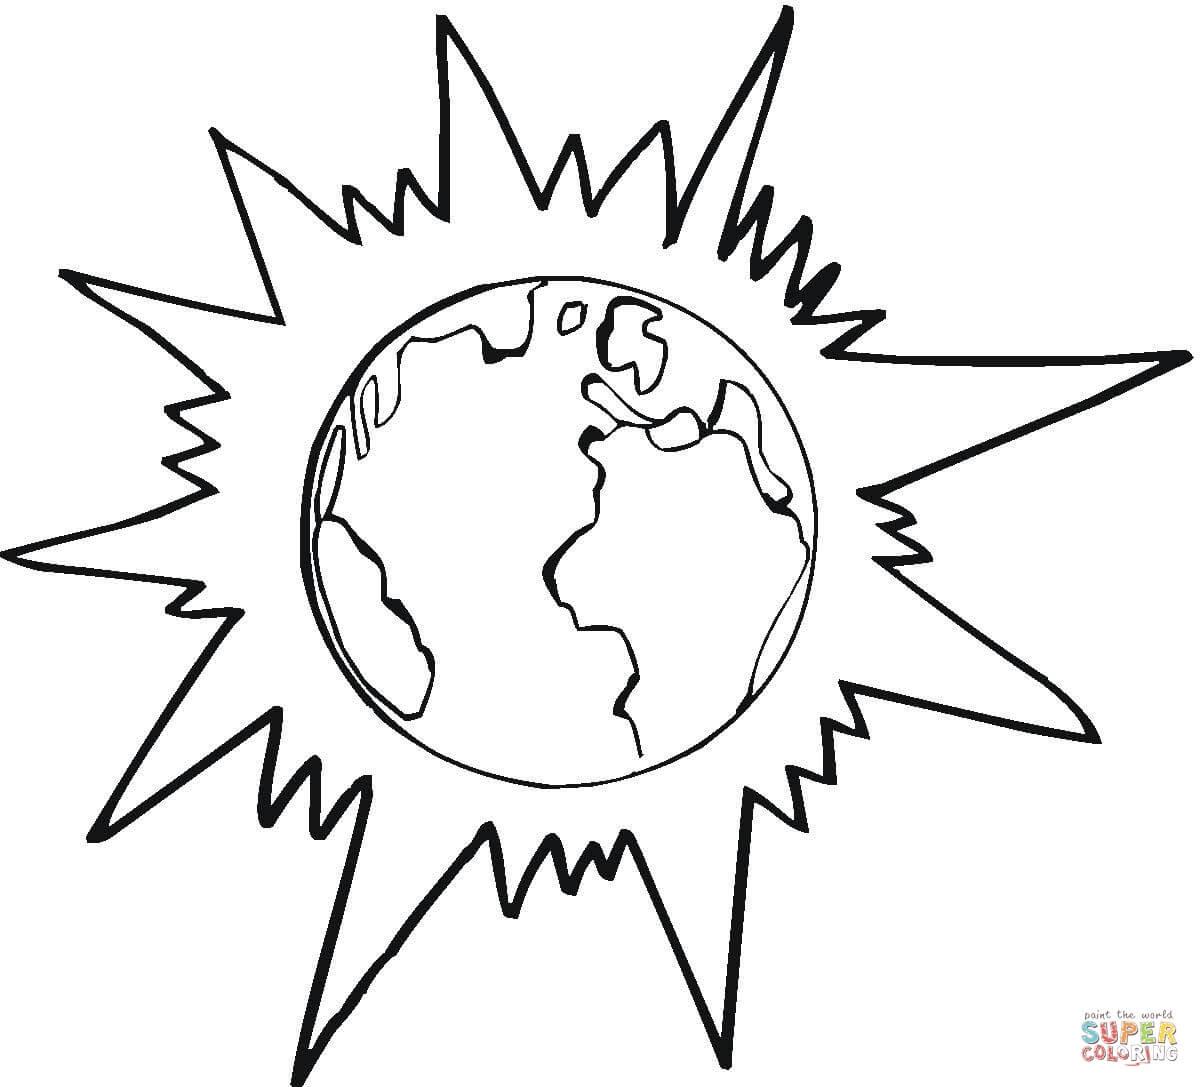 Dibujo De Jupiter Y Otros Planetas Para Colorear Dibujos Para